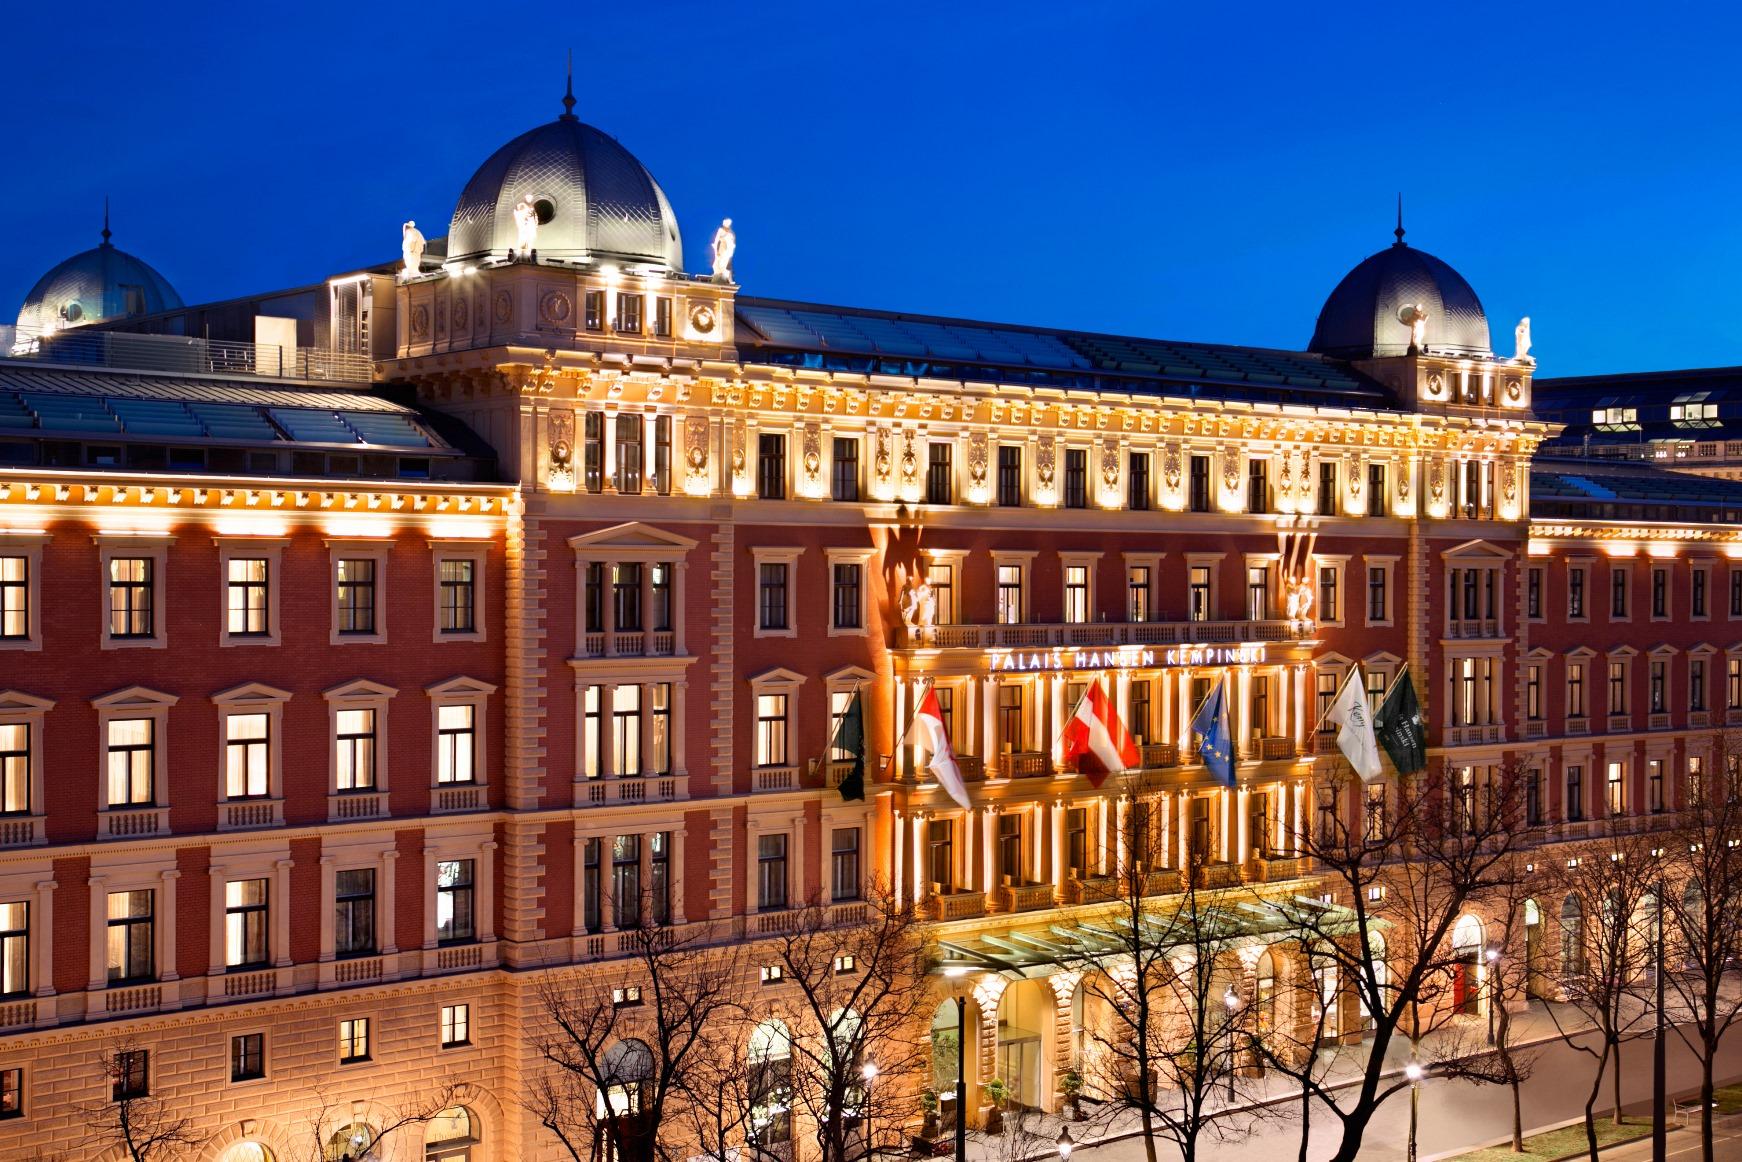 Winterzeit in Wien mit dem Palais Hansen Kempinski